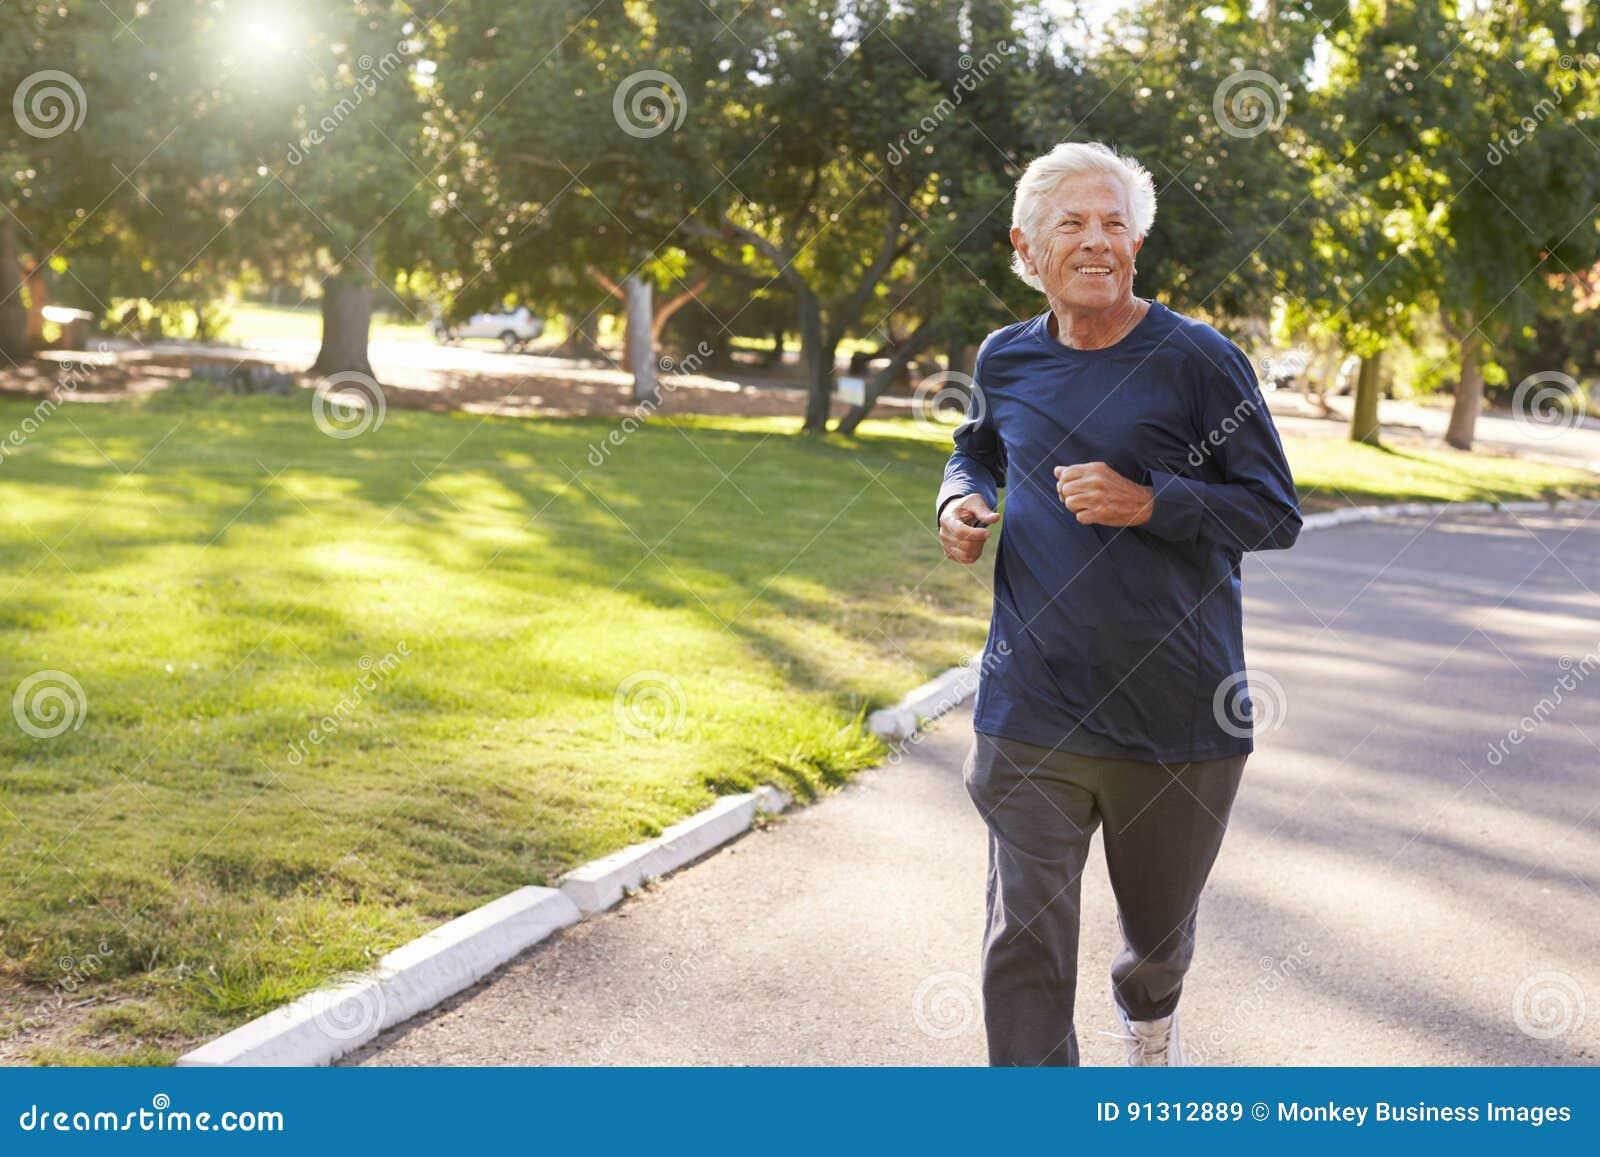 跑步通过公园的老人正面图